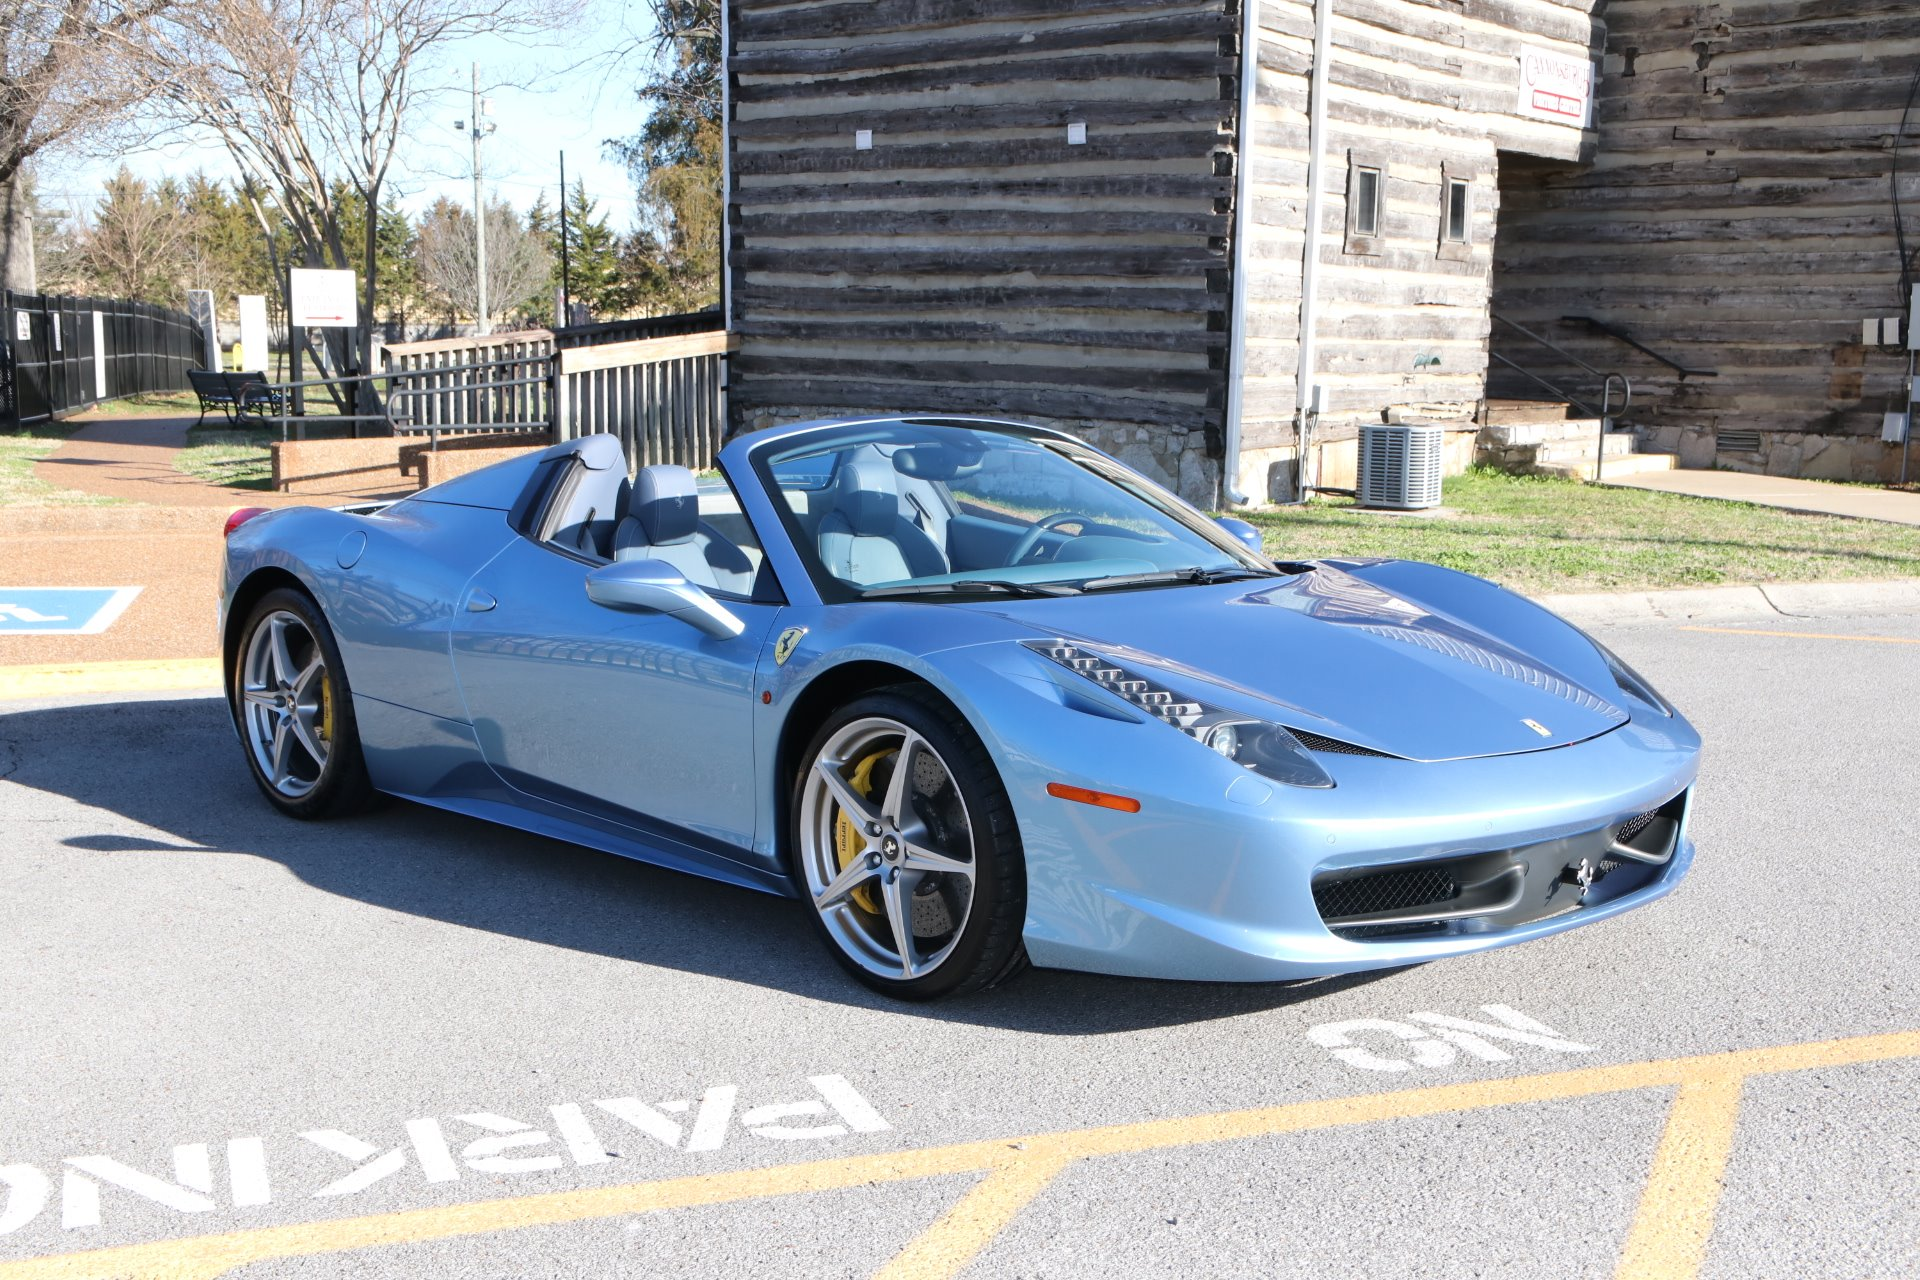 Used 2015 Ferrari 458 Italia Spider For Sale 189 950 Auto Collection Stock 204034